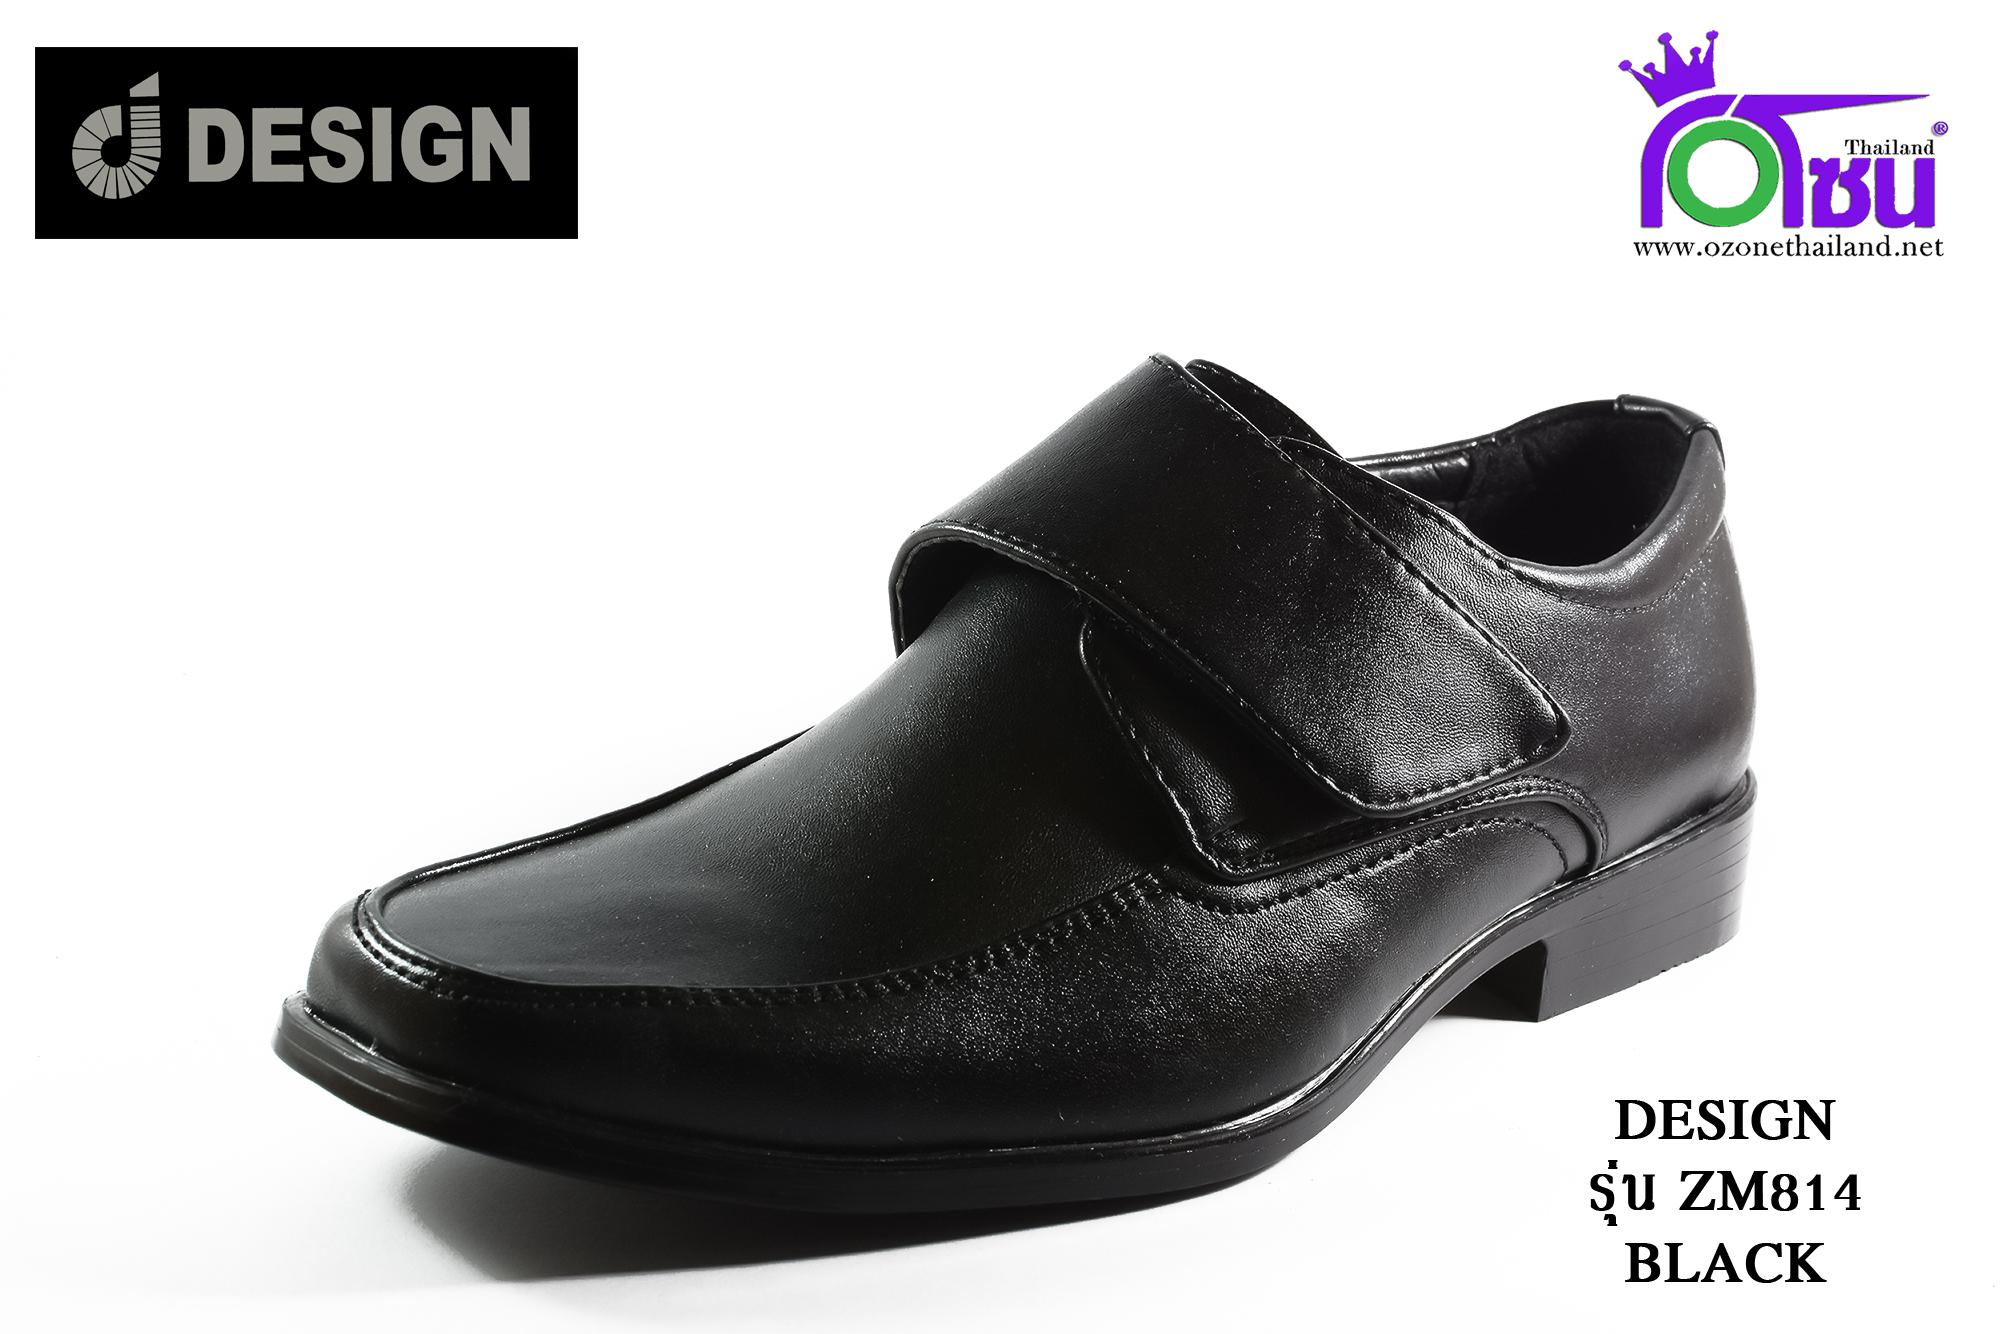 รองเท้าคัทชู DESIGN ดีไซน์ รหัส ZM814 สีดำ เบอร 37,38,40